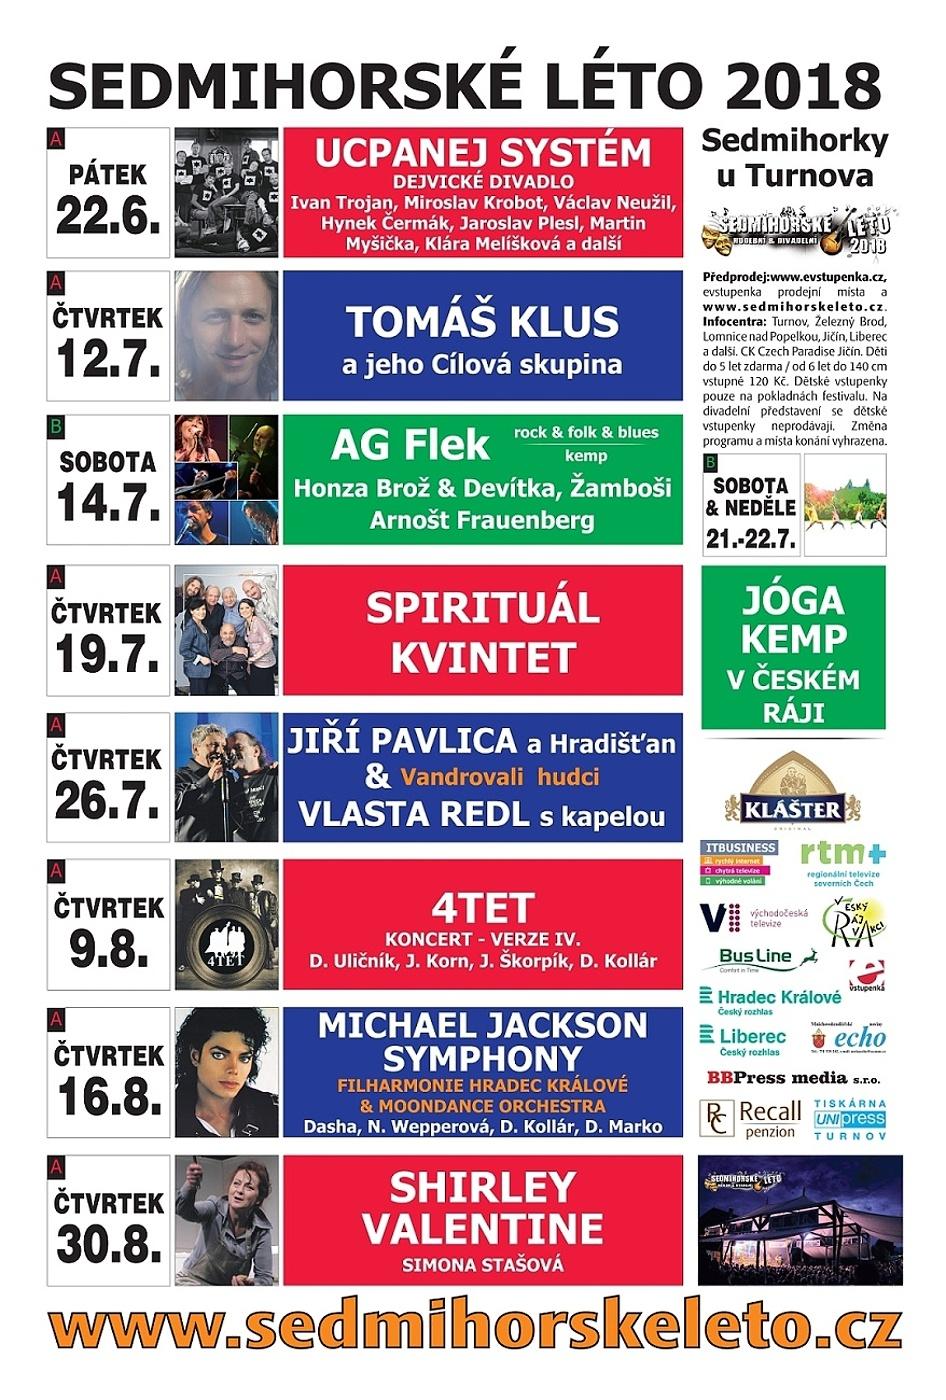 www.sedmihorskeleto.cz